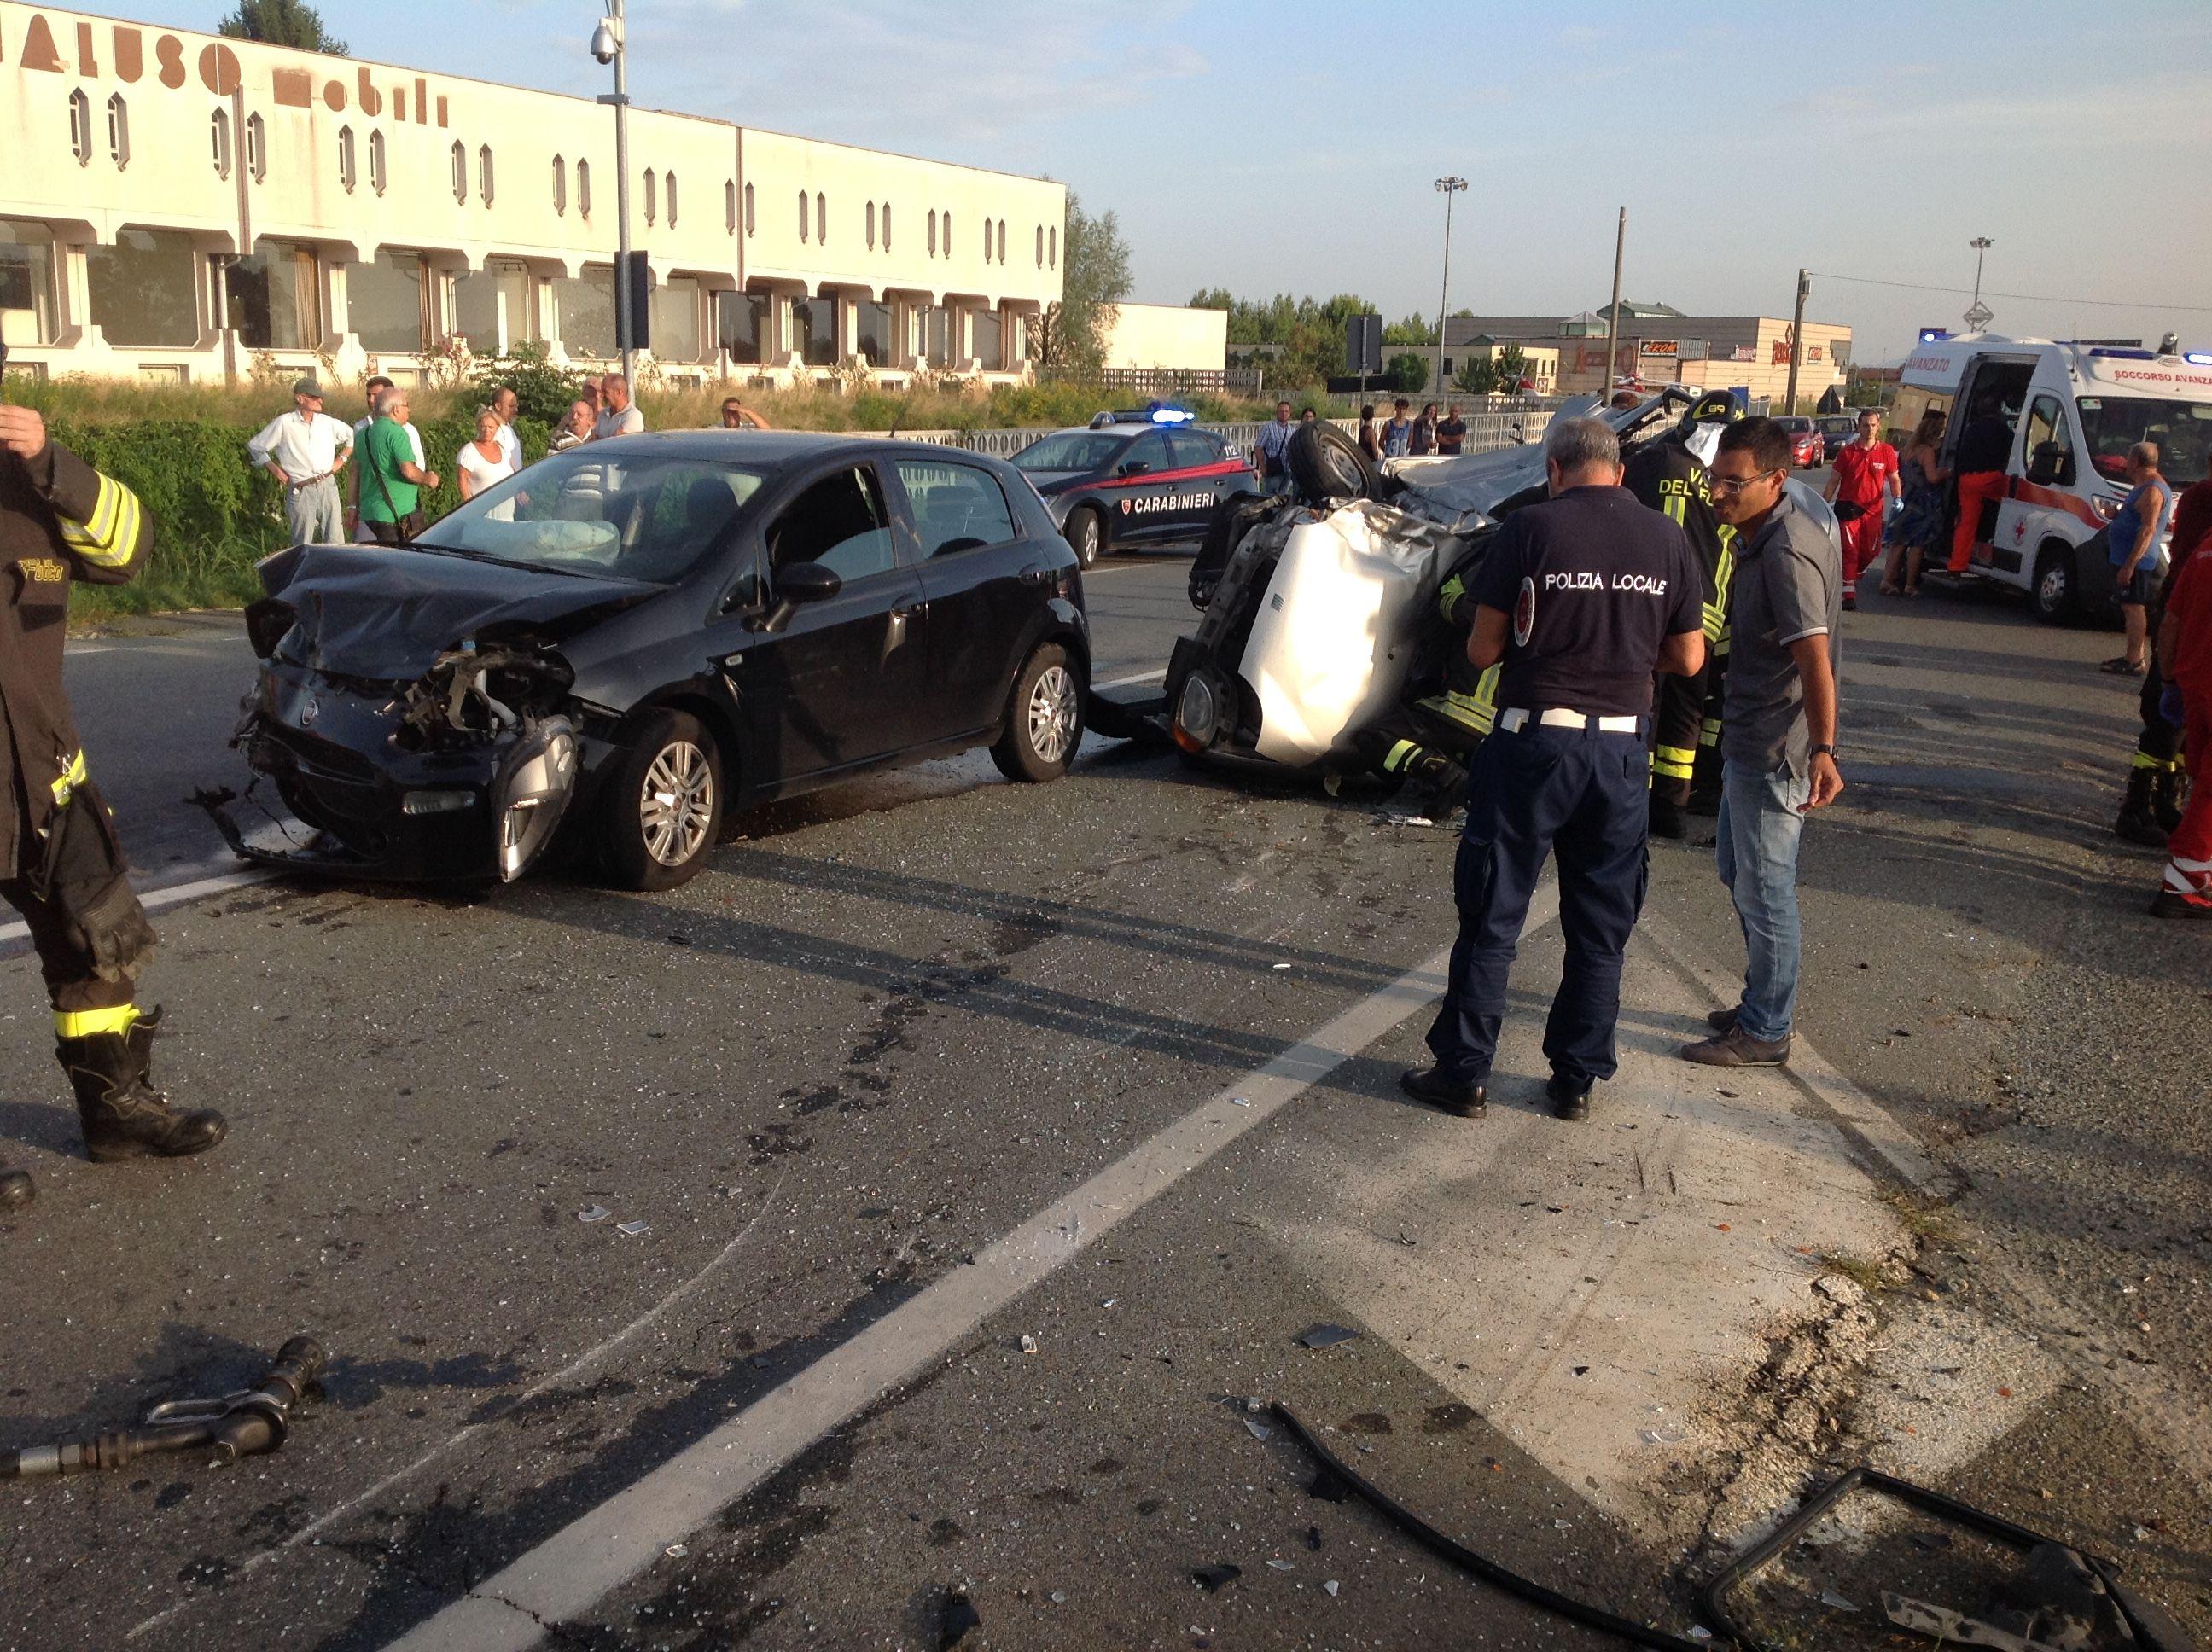 CALUSO - Spaventoso incidente alle porte del paese: due bambini ricoverati in ospedale - FOTO E VIDEO